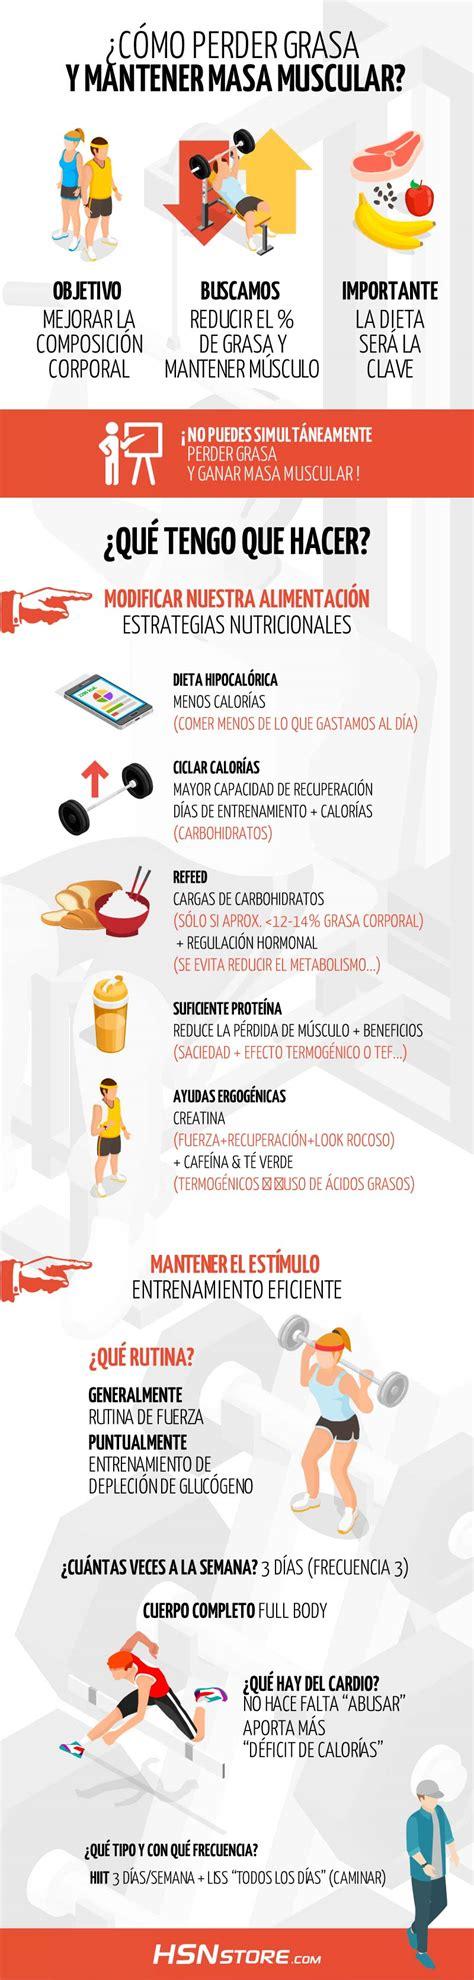 ¿Cómo perder grasa y mantener músculo?